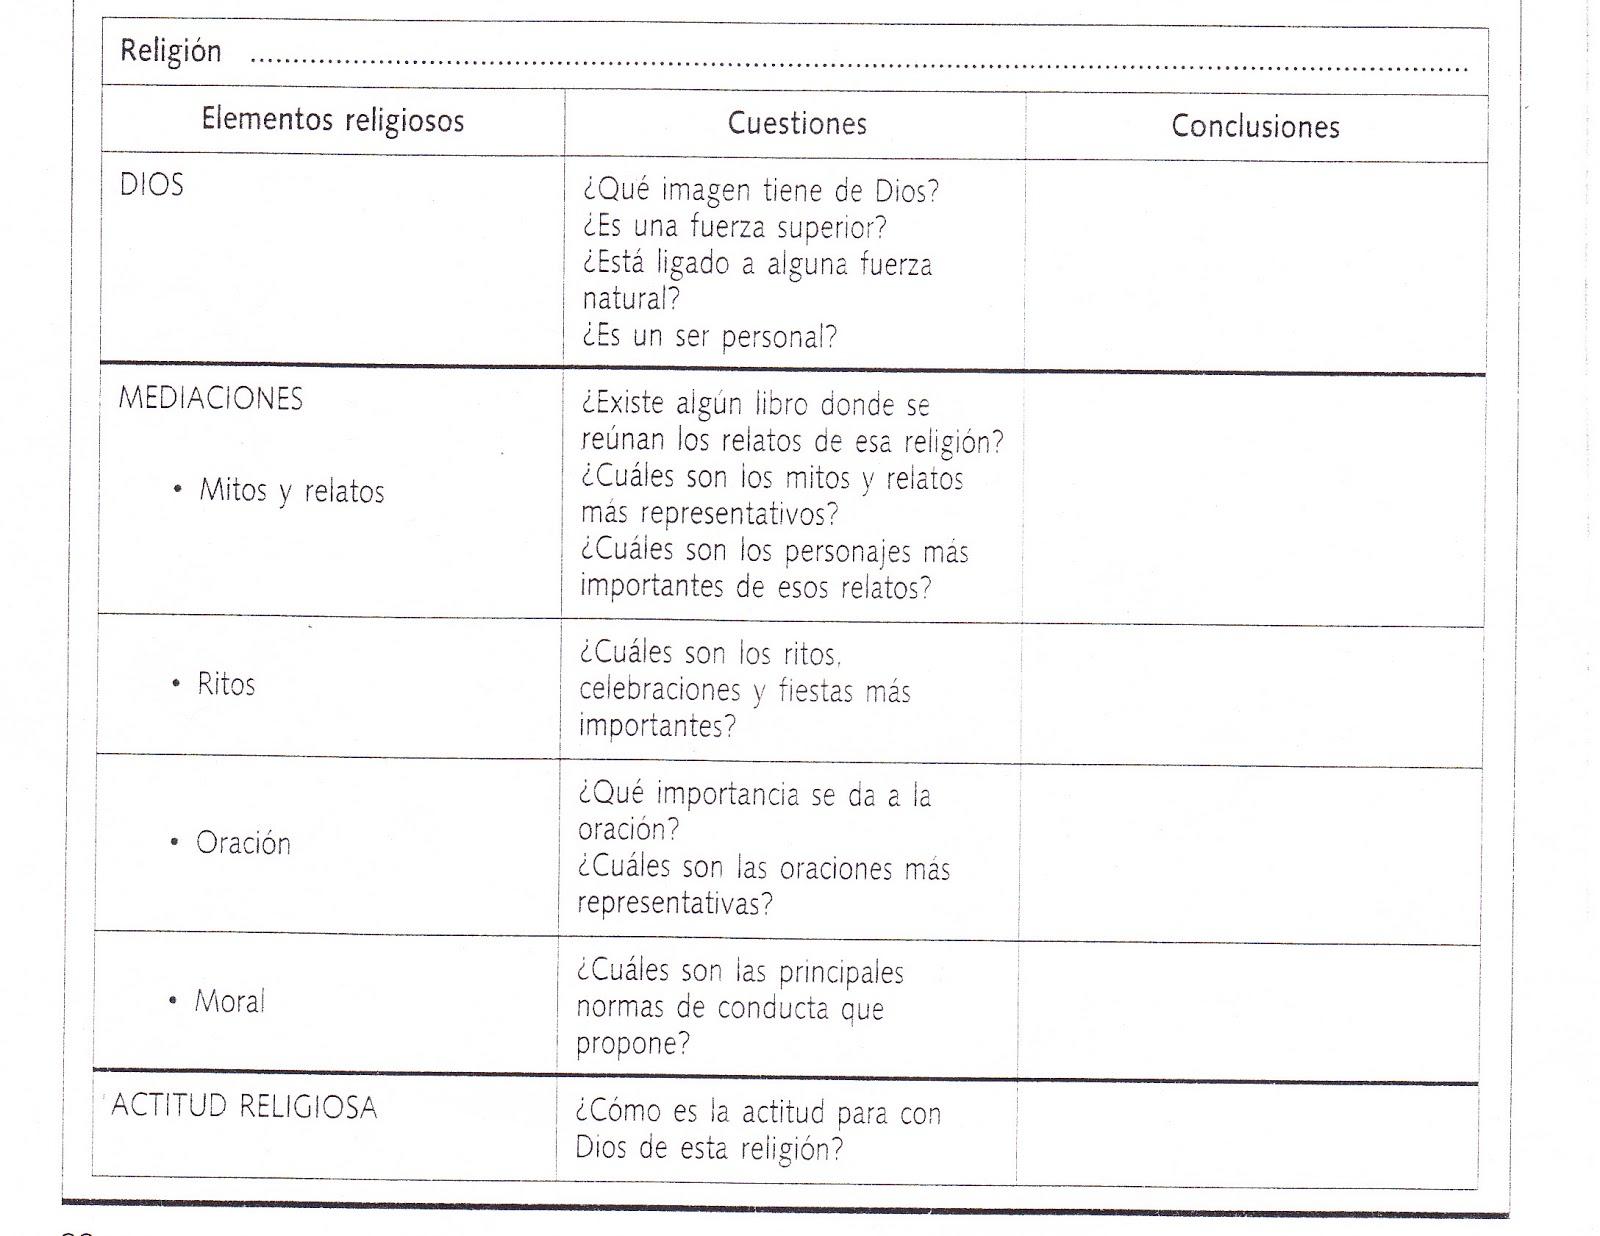 informacion sobre la religion musulmana: